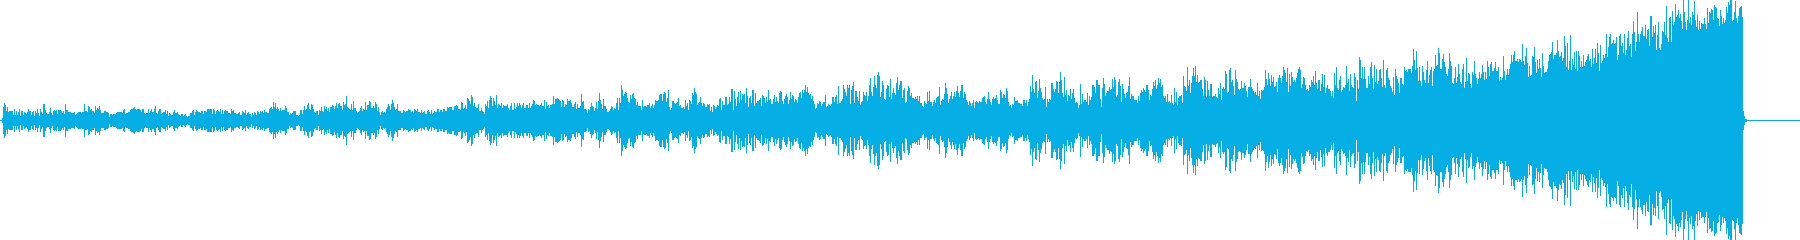 核爆弾の衝撃波の効果音の再生済みの波形